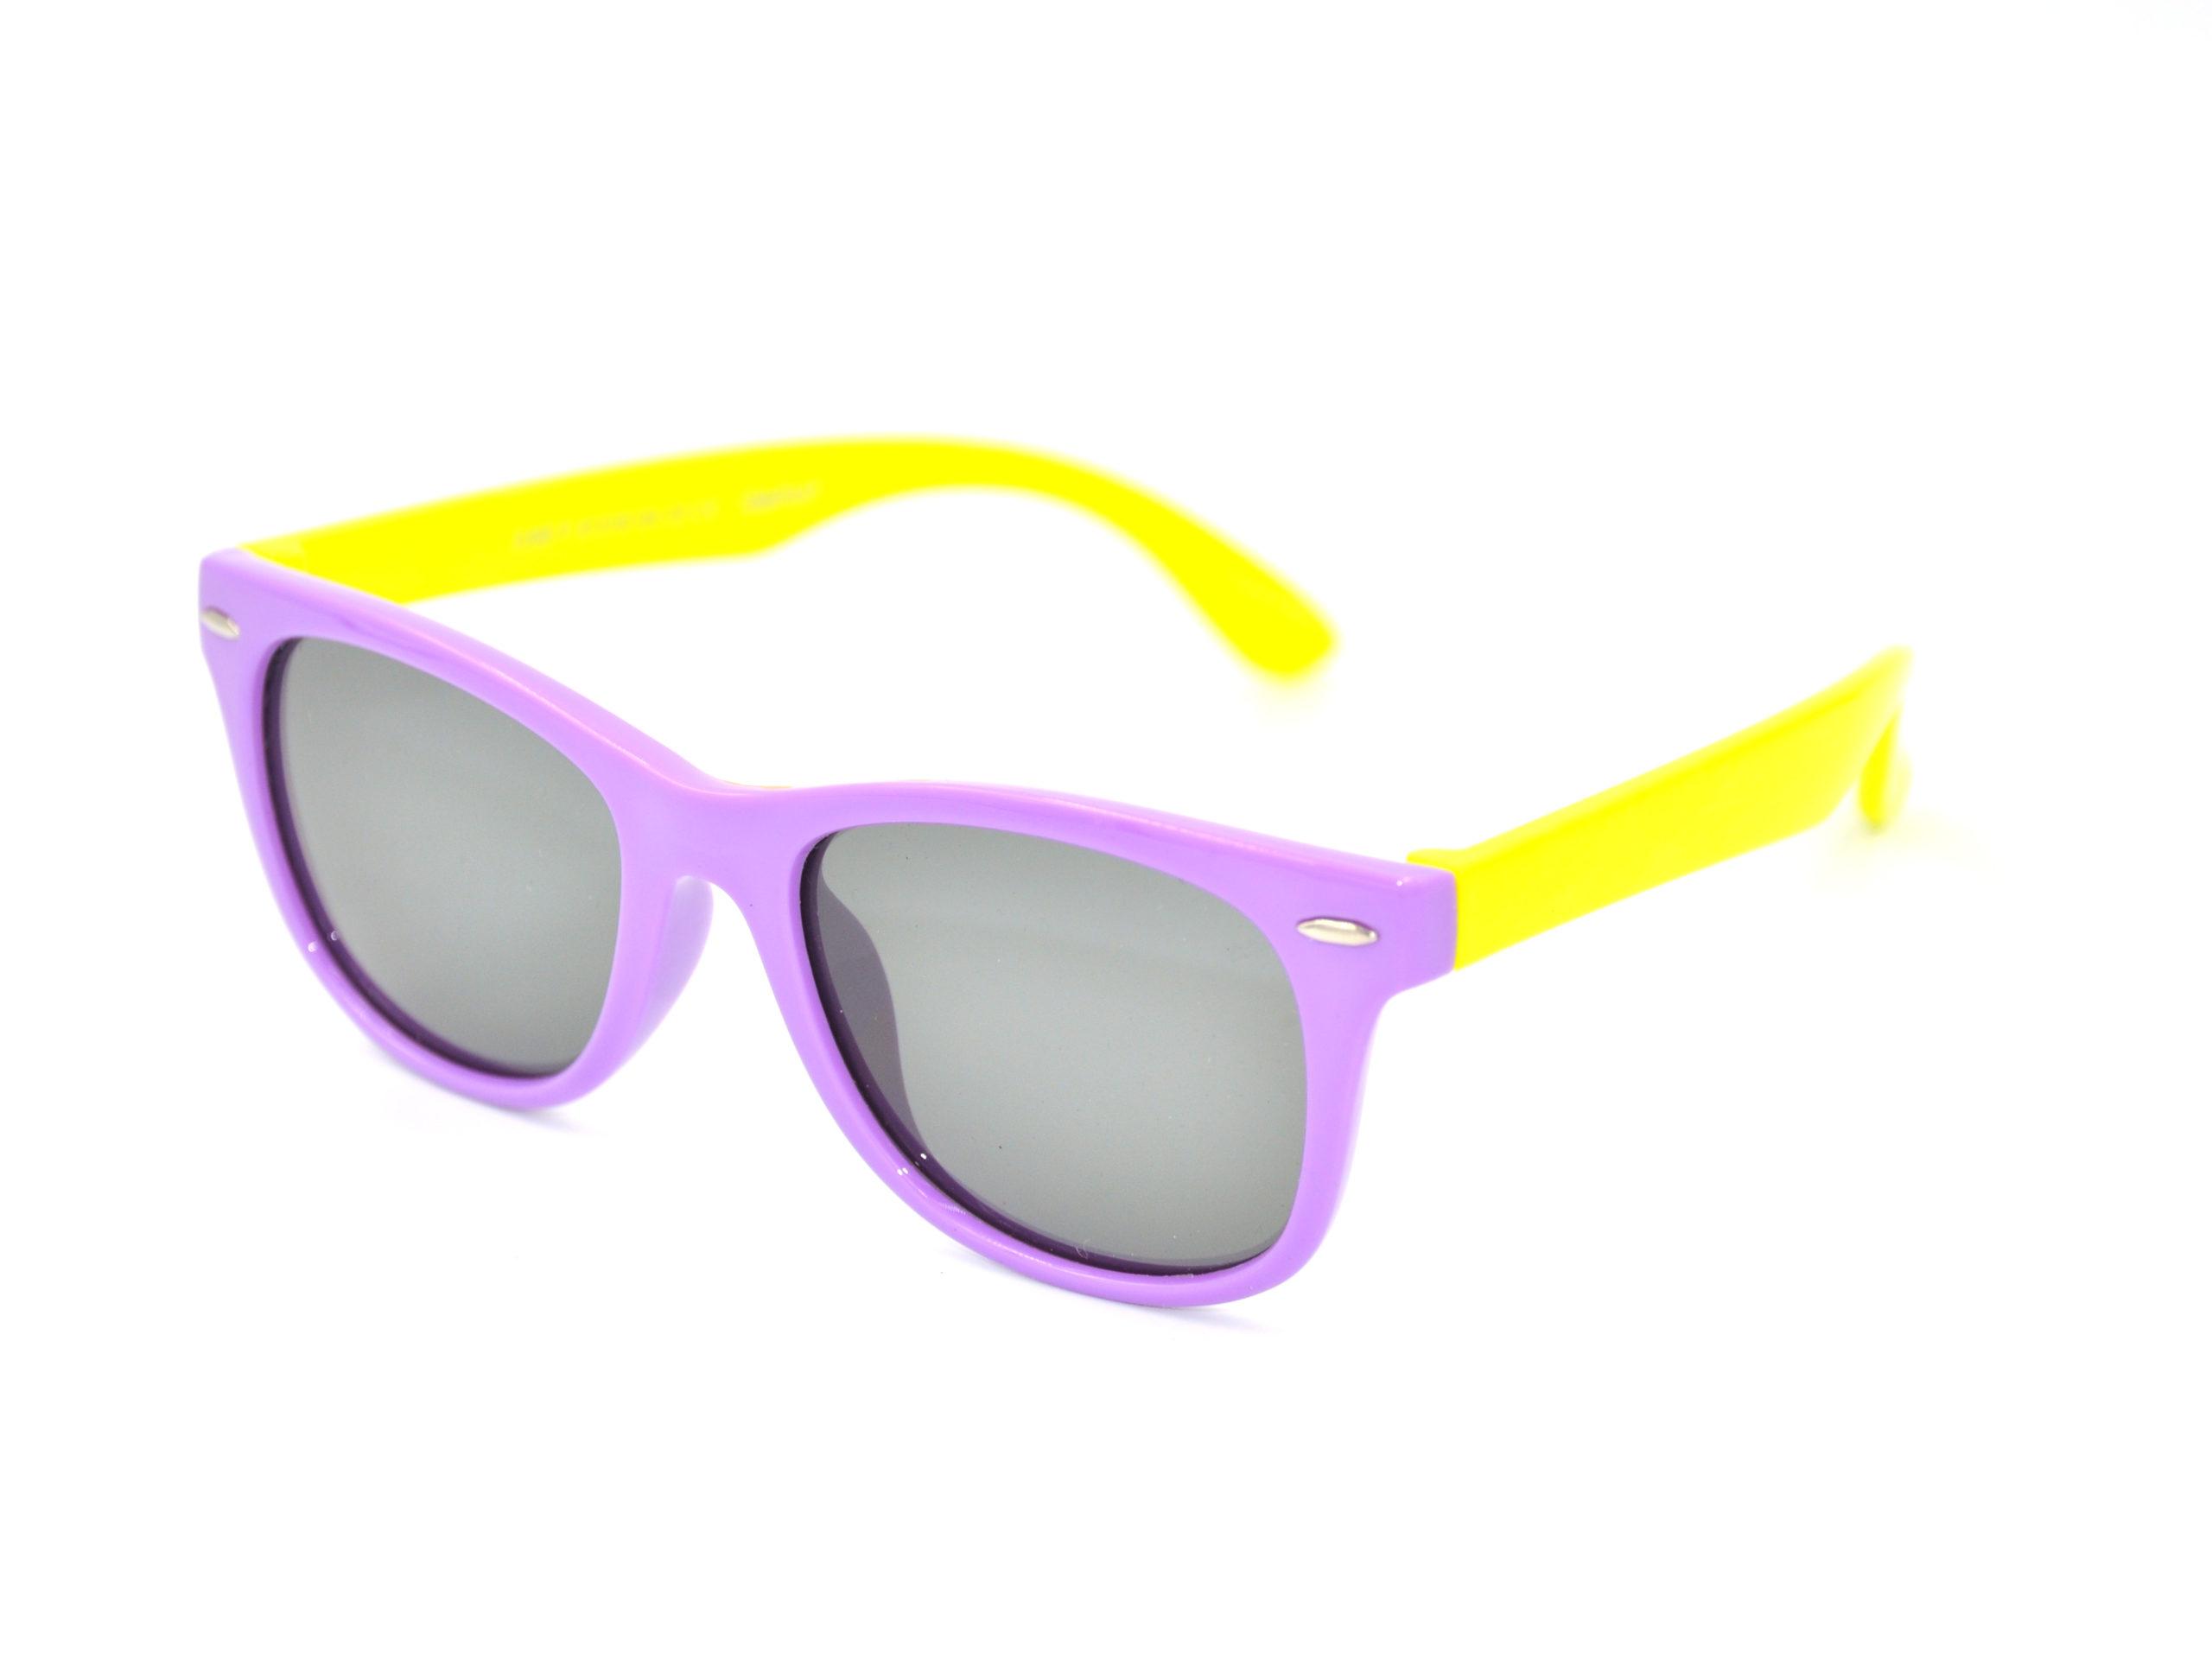 QUADRANT S886 P9 Sunglasses 2020